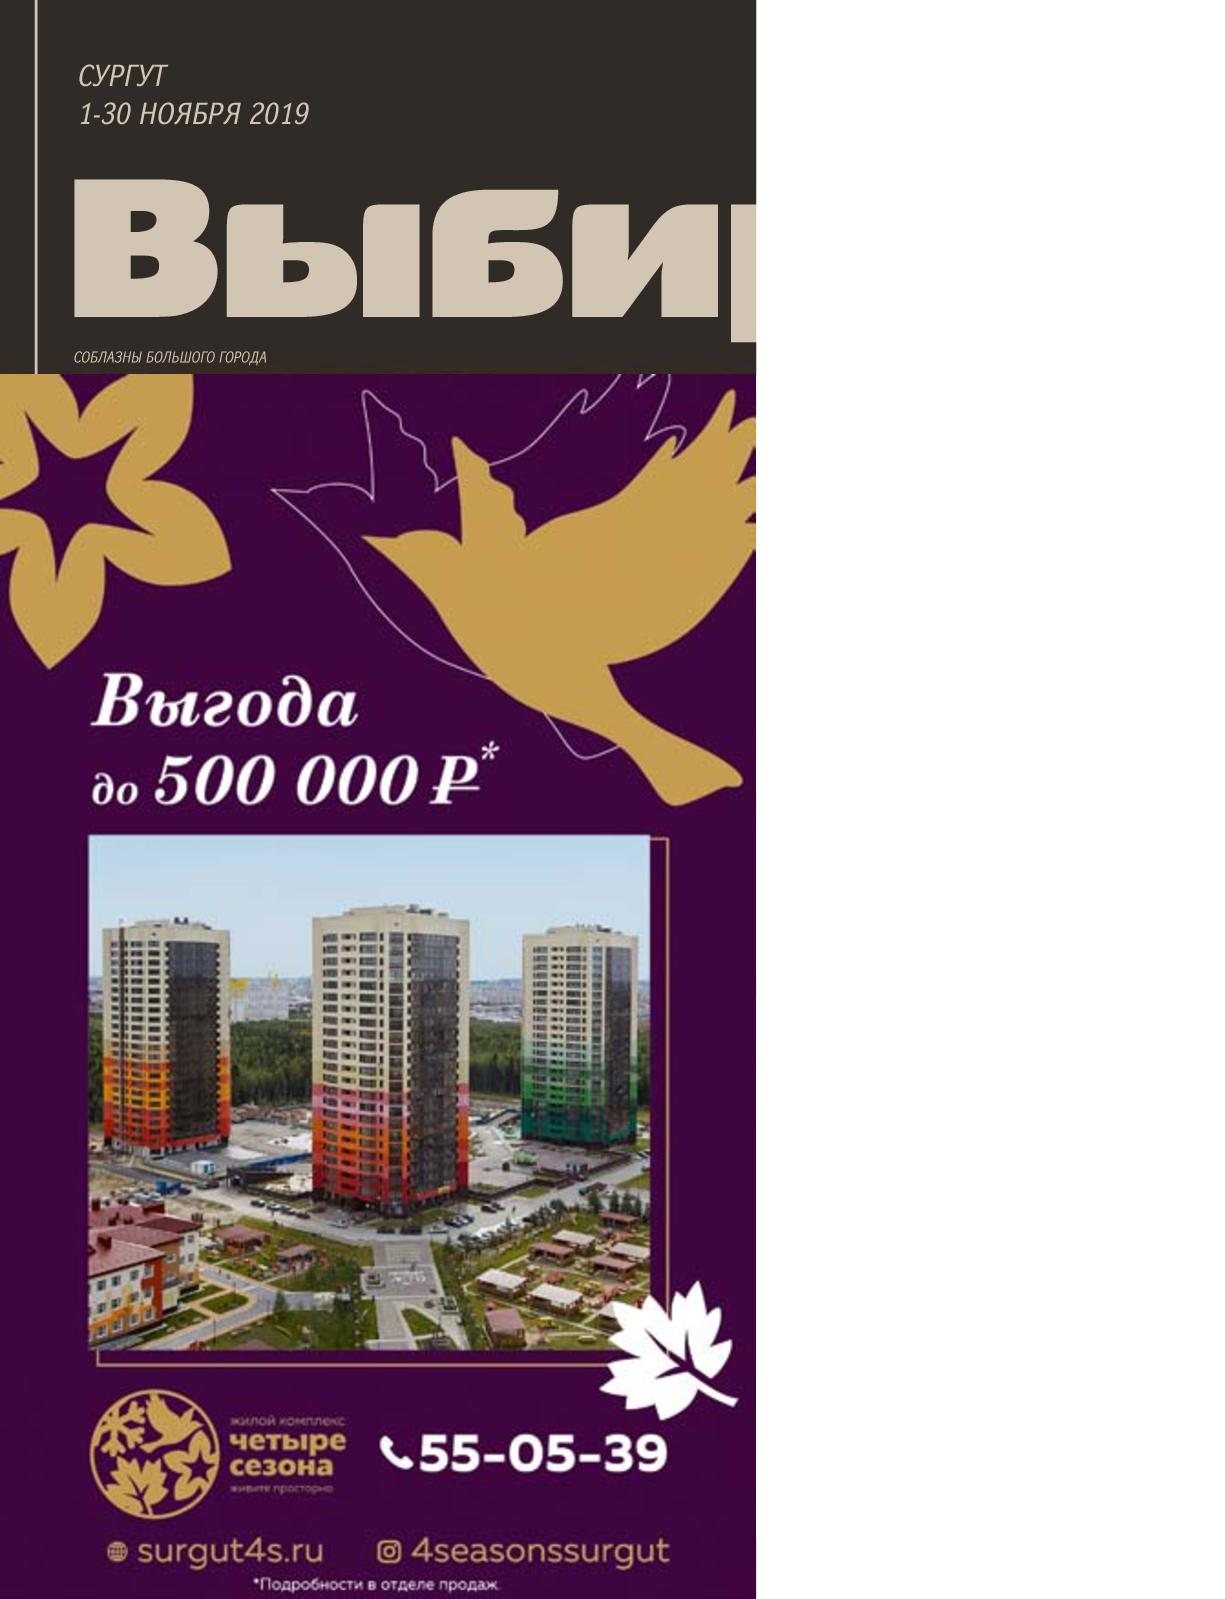 Попа Алёны Захаровой – Особенности Банной Политики, Или Баня 2 (2000)